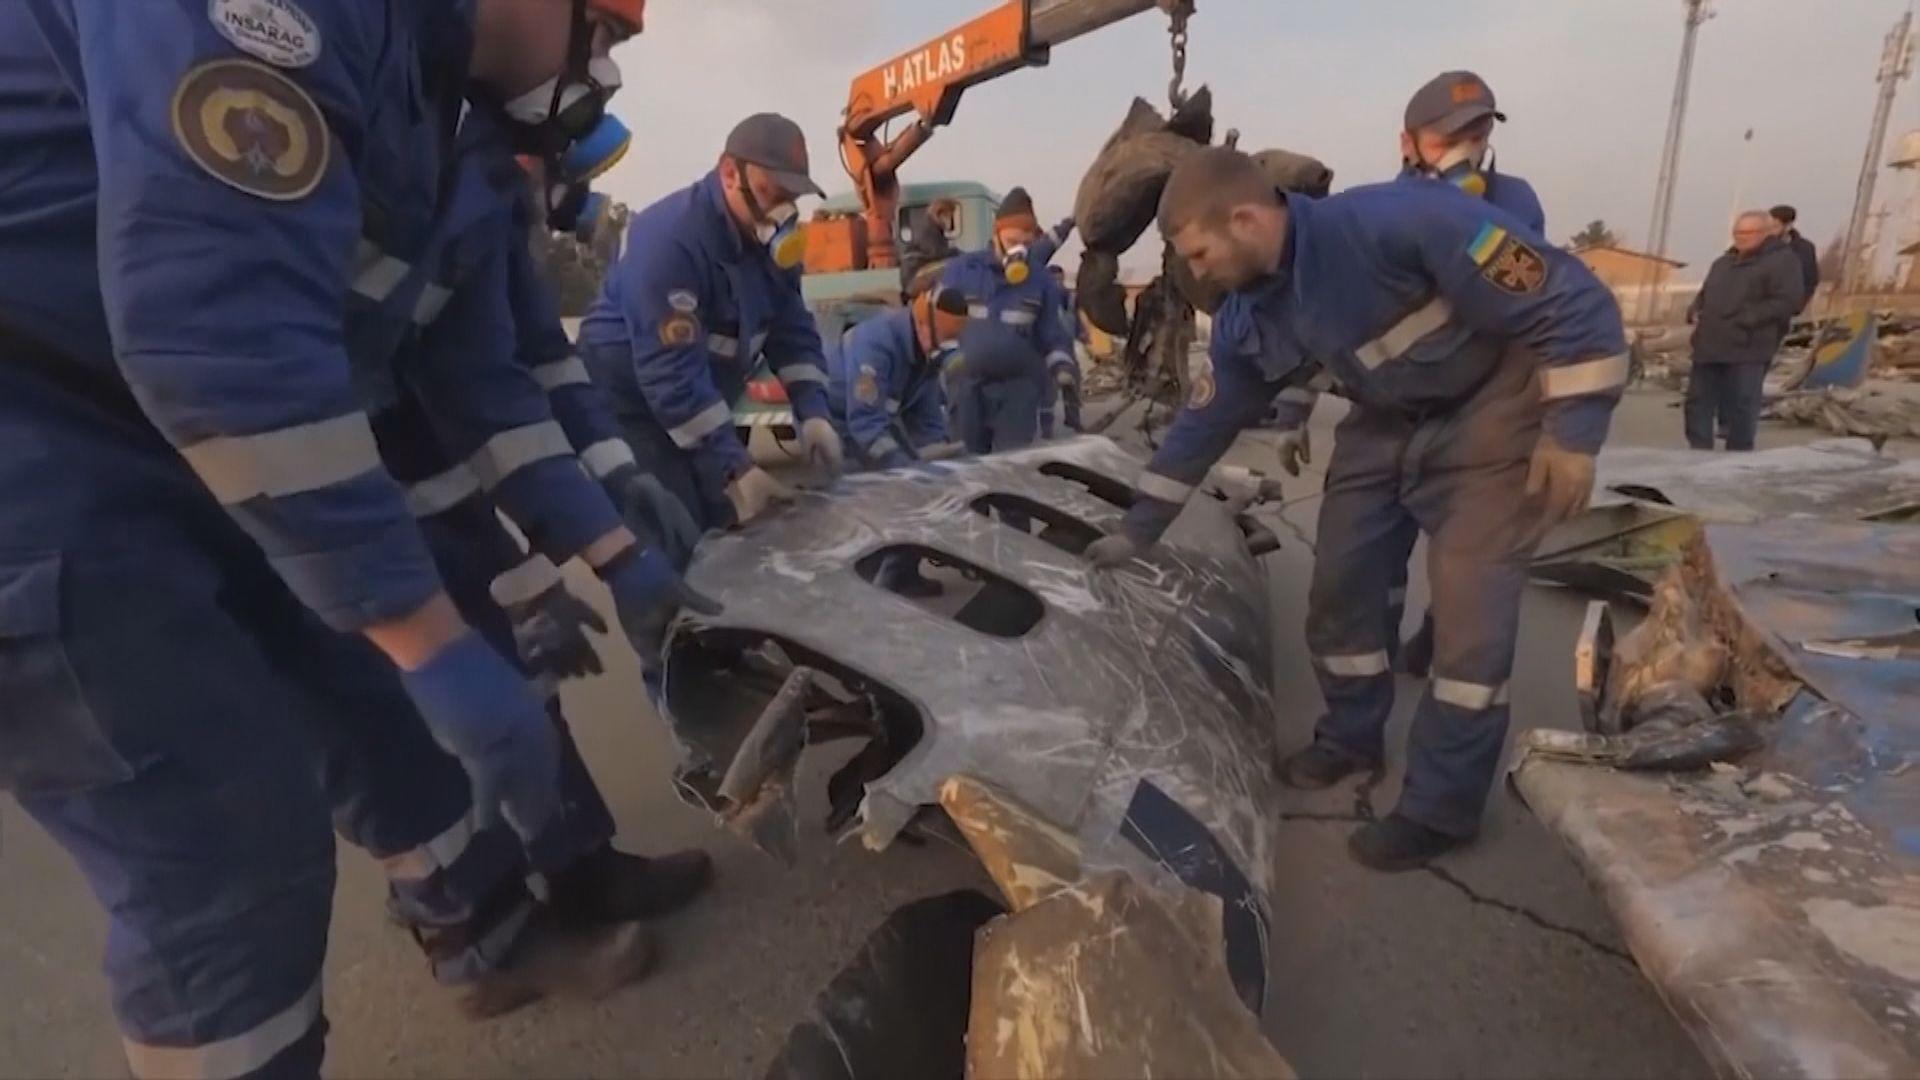 伊朗擊落烏克蘭客機涉人為錯誤